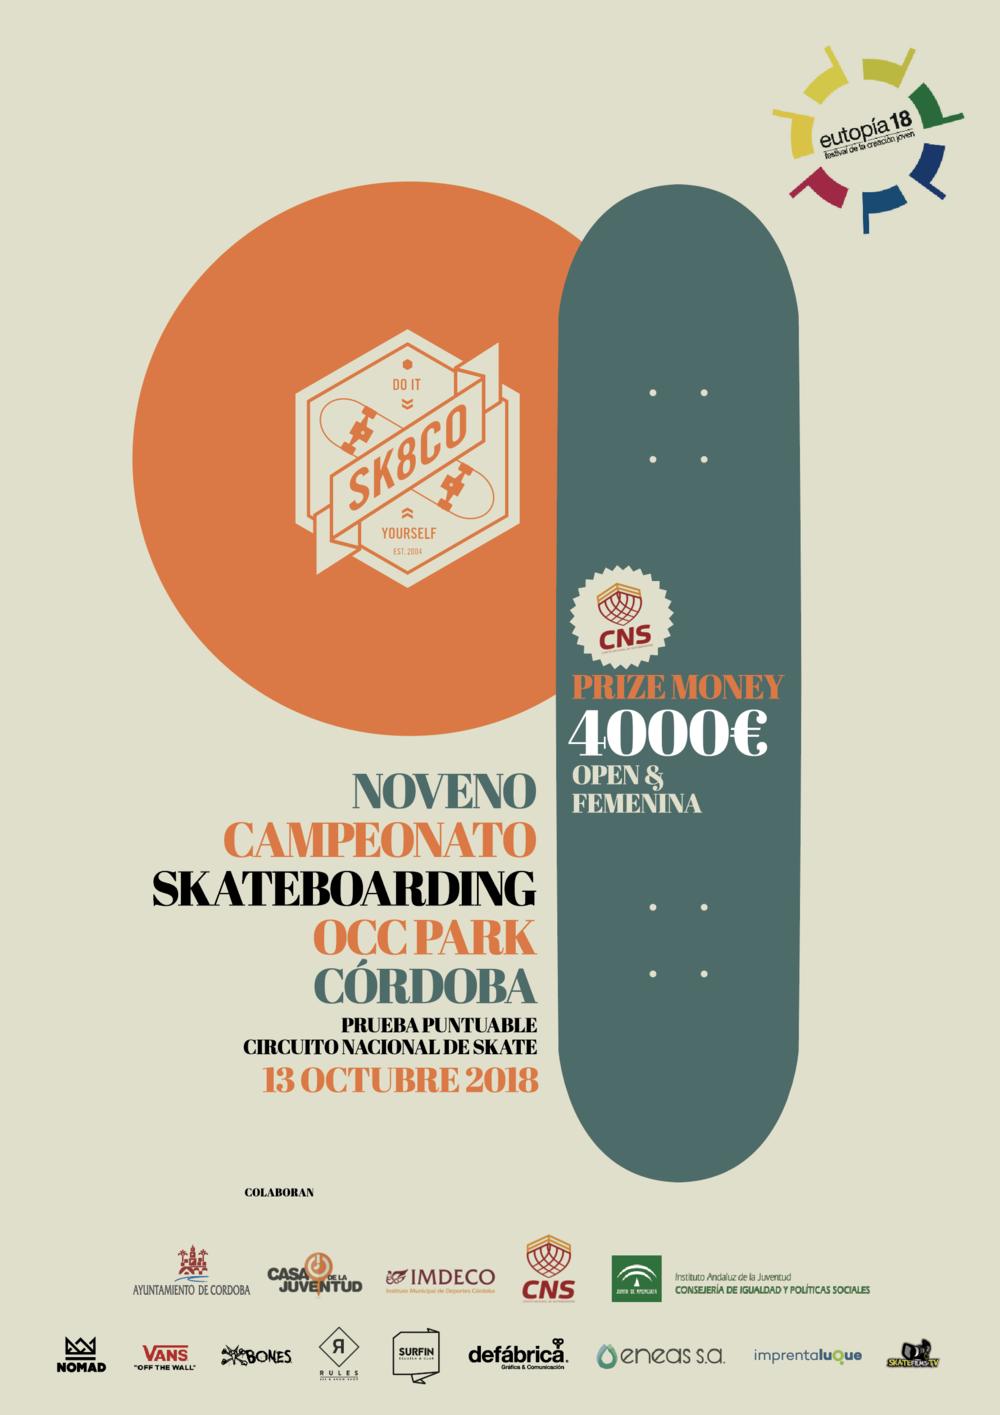 9º Campeonato Skate | OCC Park, Córdoba